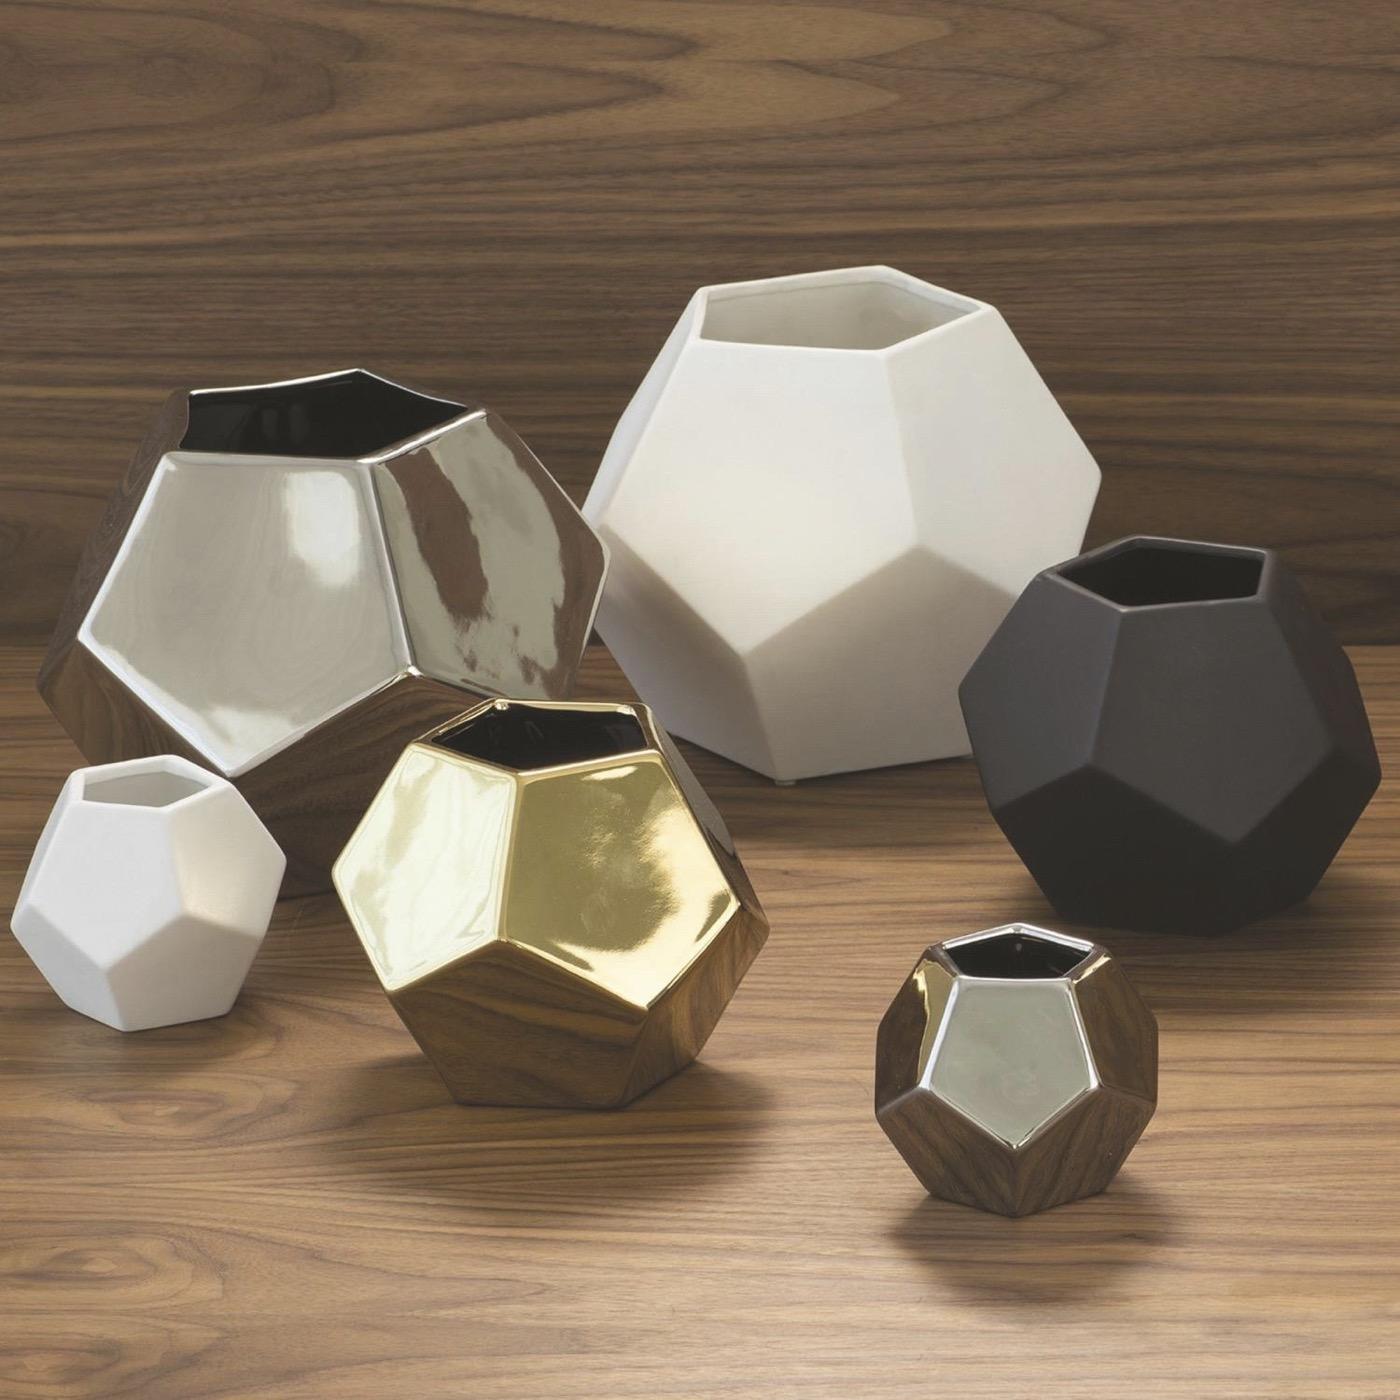 Perry Pentagonal Vases   Black